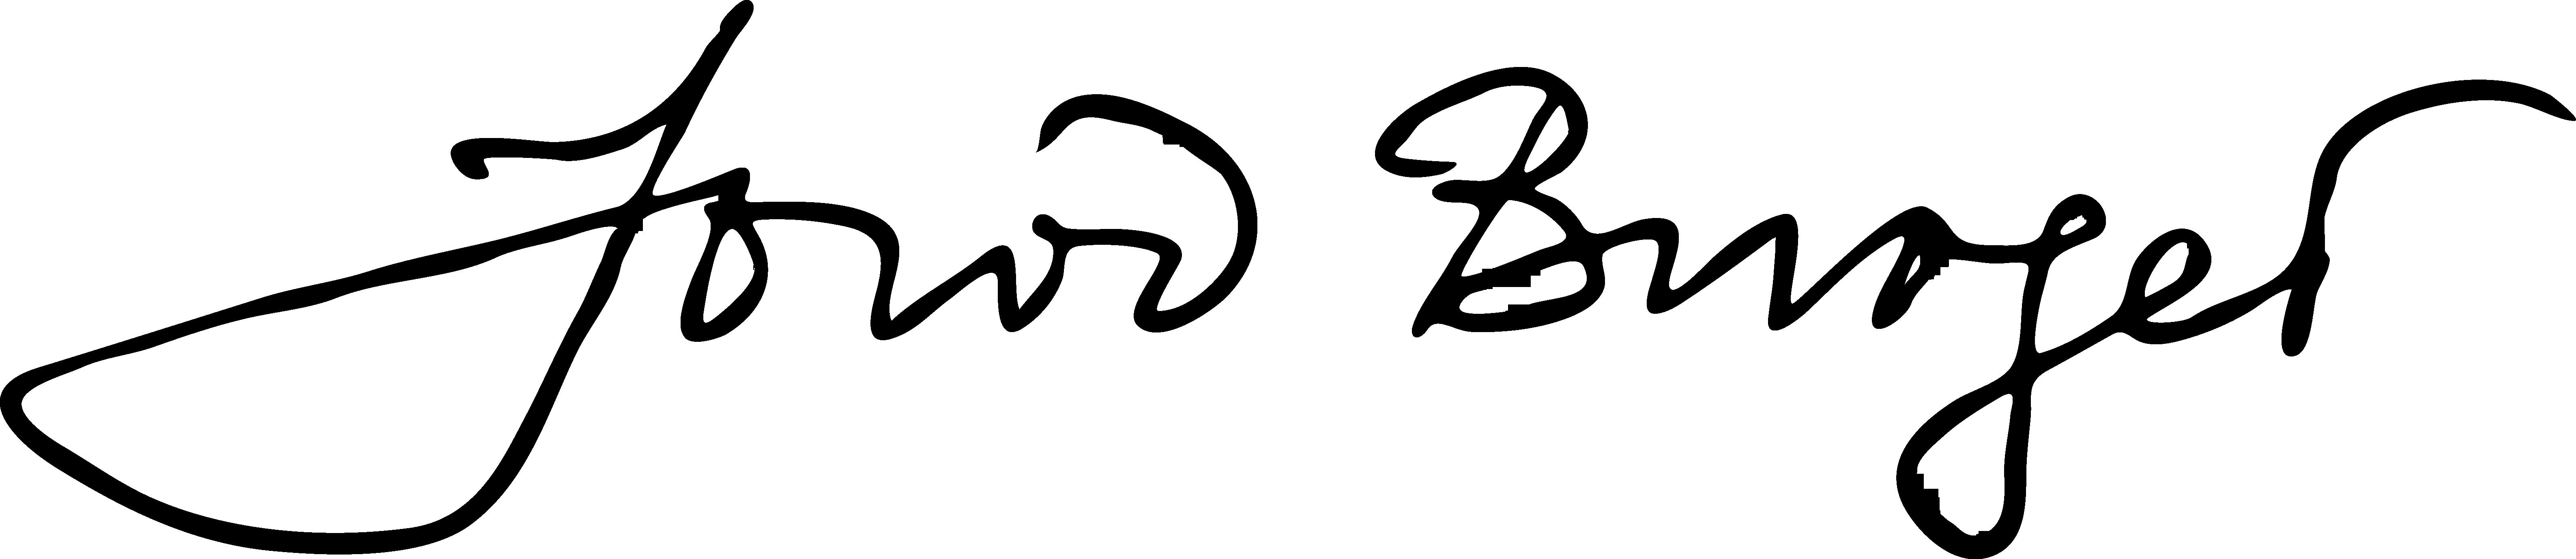 Jowi Burger Signature